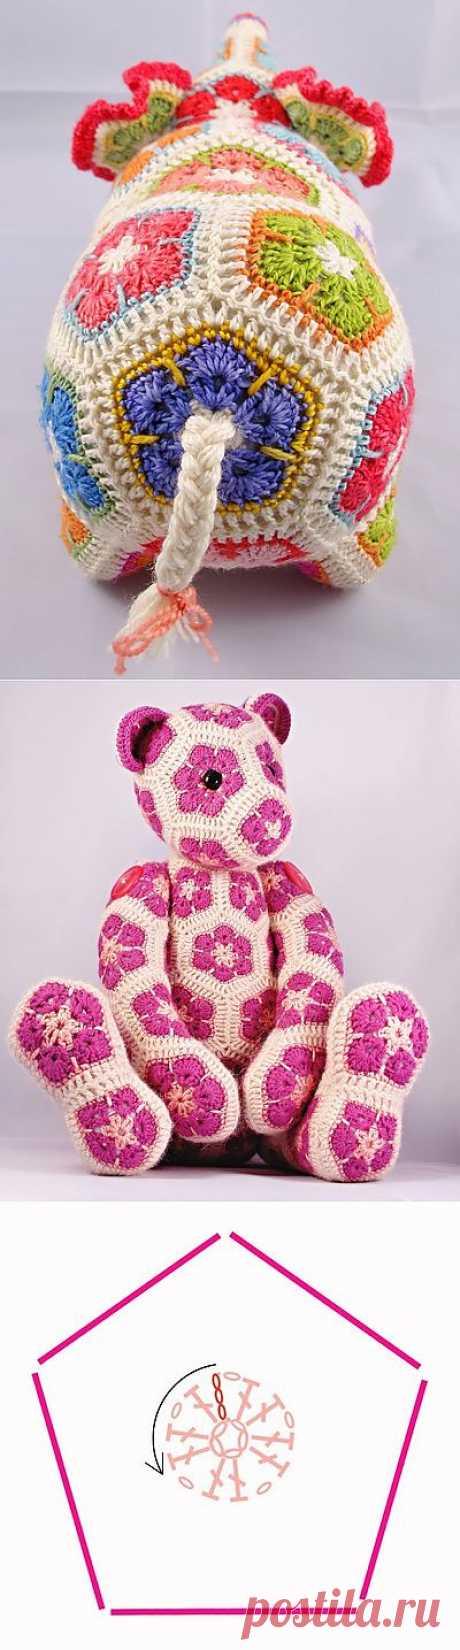 Цветочный фрагмент крючком АФРИКАНСКИЙ ЦВЕТОК для вязания игрушек.